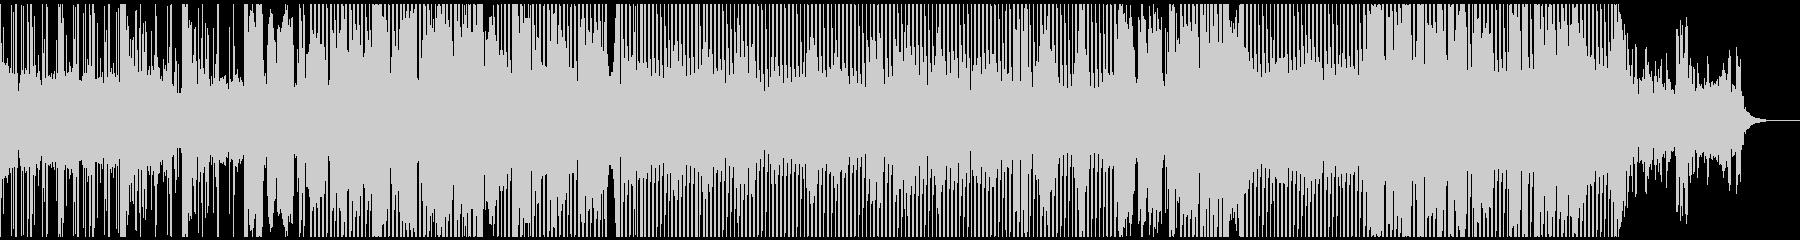 洋楽風おしゃれ爽やかヒットチャートEDMの未再生の波形